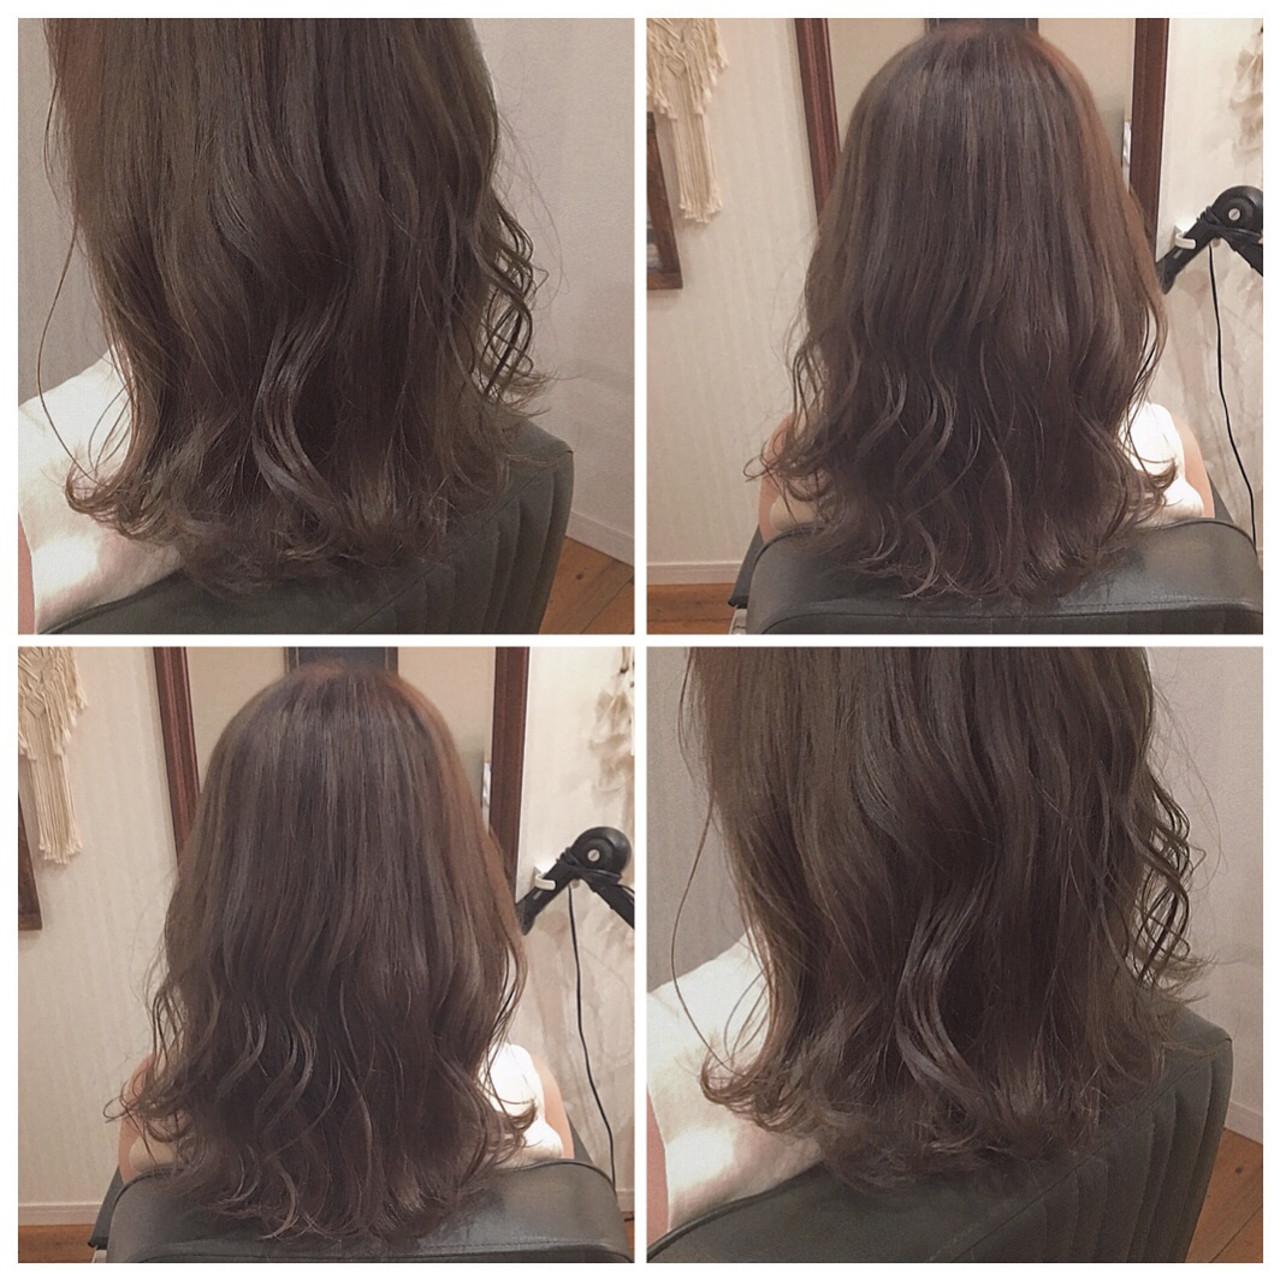 ロング グレージュ ベージュ ミルクティーベージュ ヘアスタイルや髪型の写真・画像